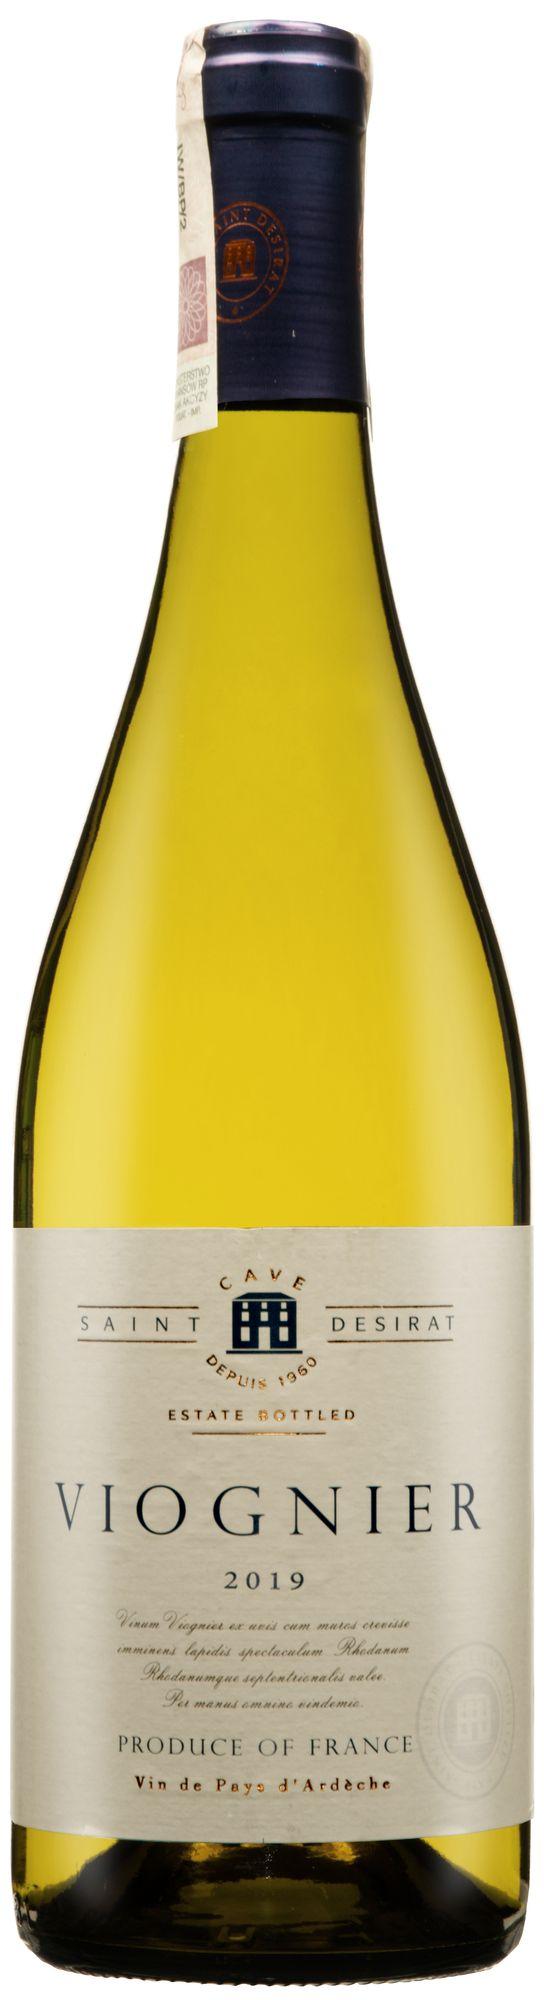 wino francuskie, viognier, adreche, północny rodan, marek kondrat, kww